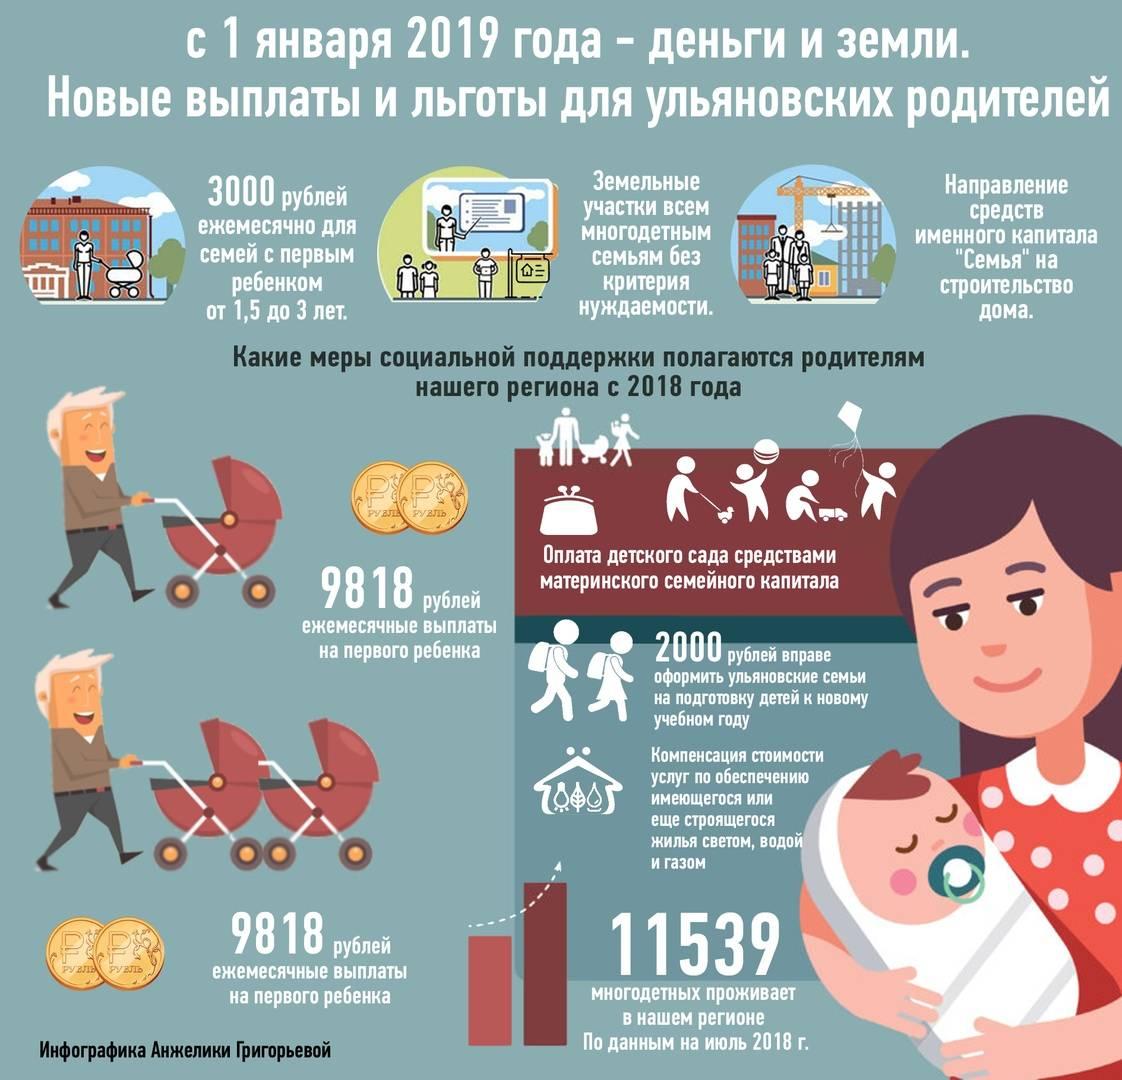 Детские пособия в 2019 году